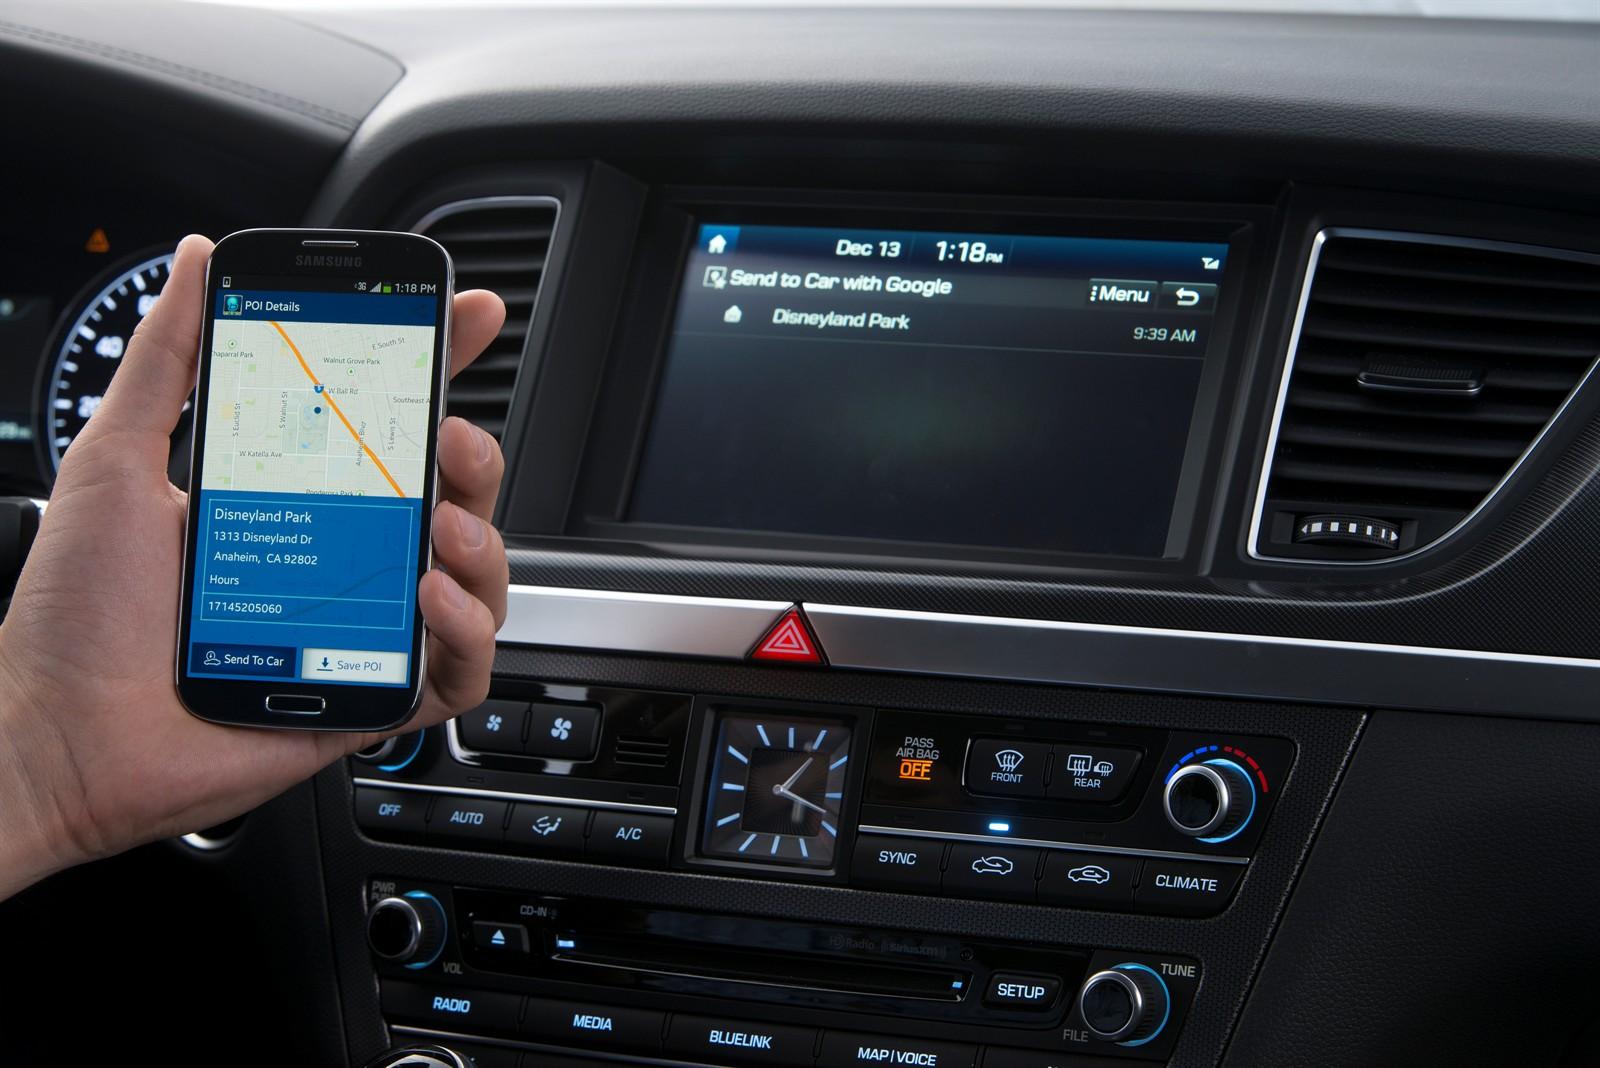 Best Automotive Electronics Product Award Nominee